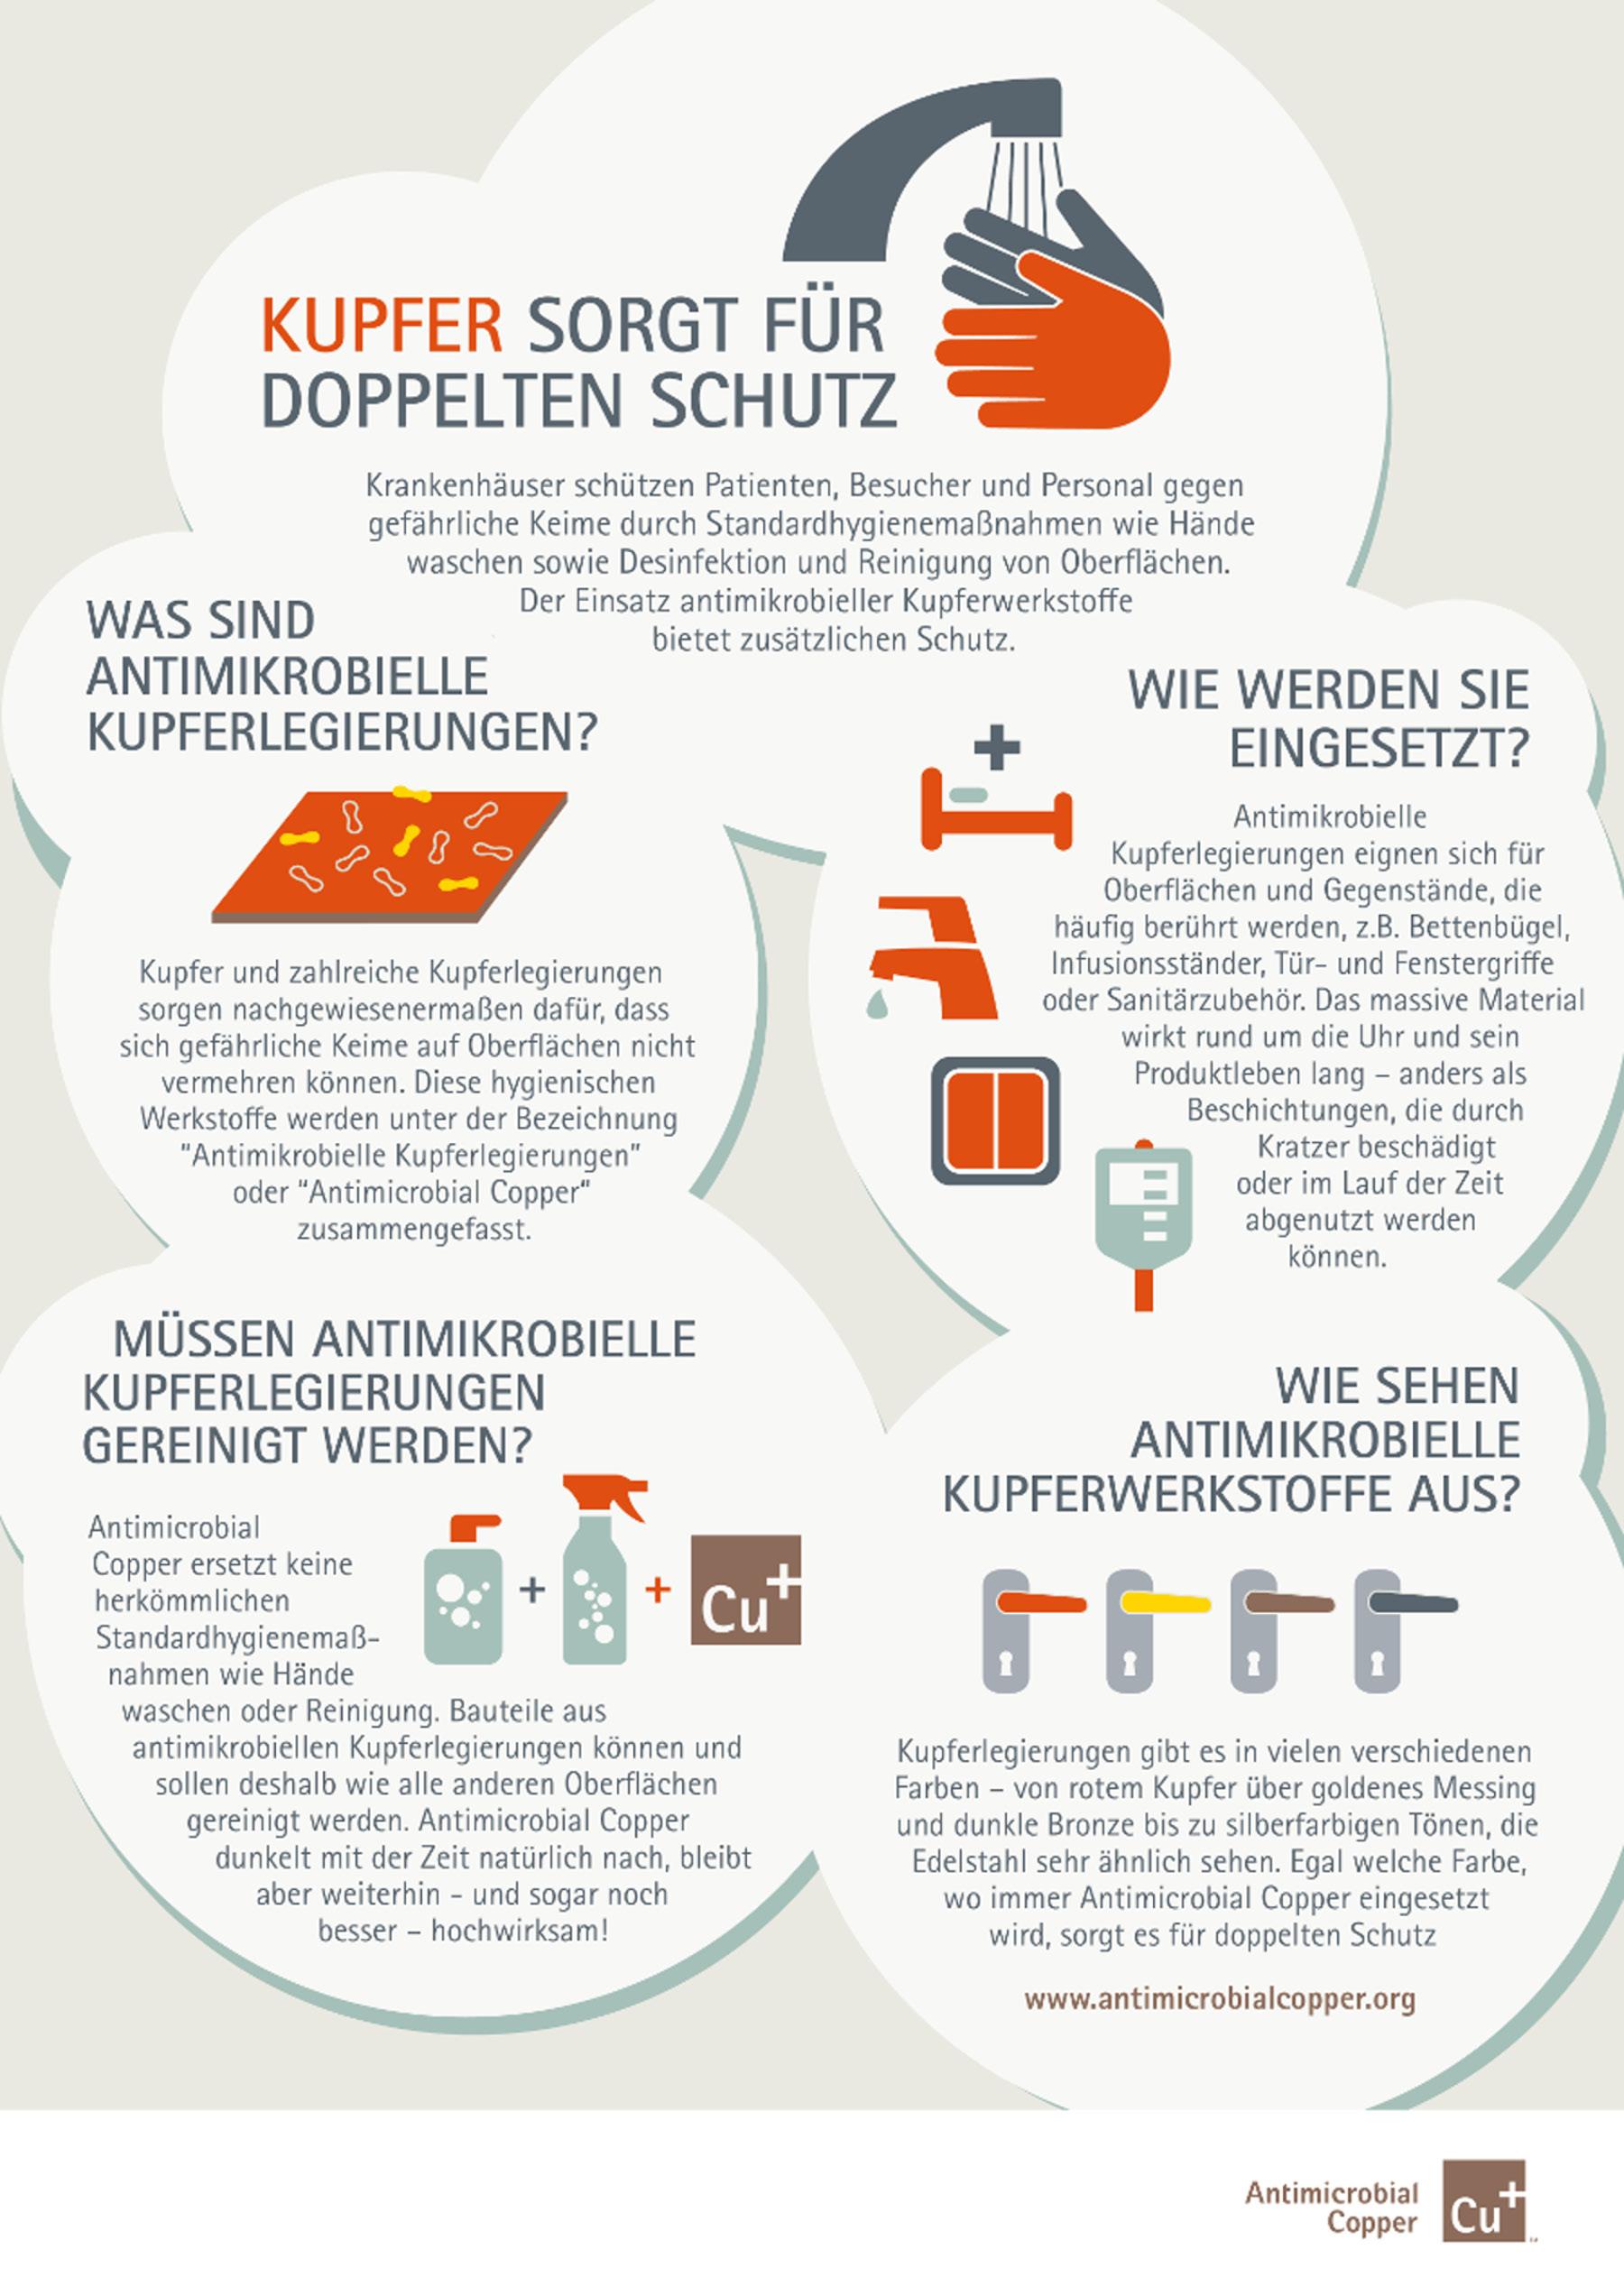 Vorteile Von Mietwohnungen : Patientenmerkblatt veröffentlicht was antimikrobielles